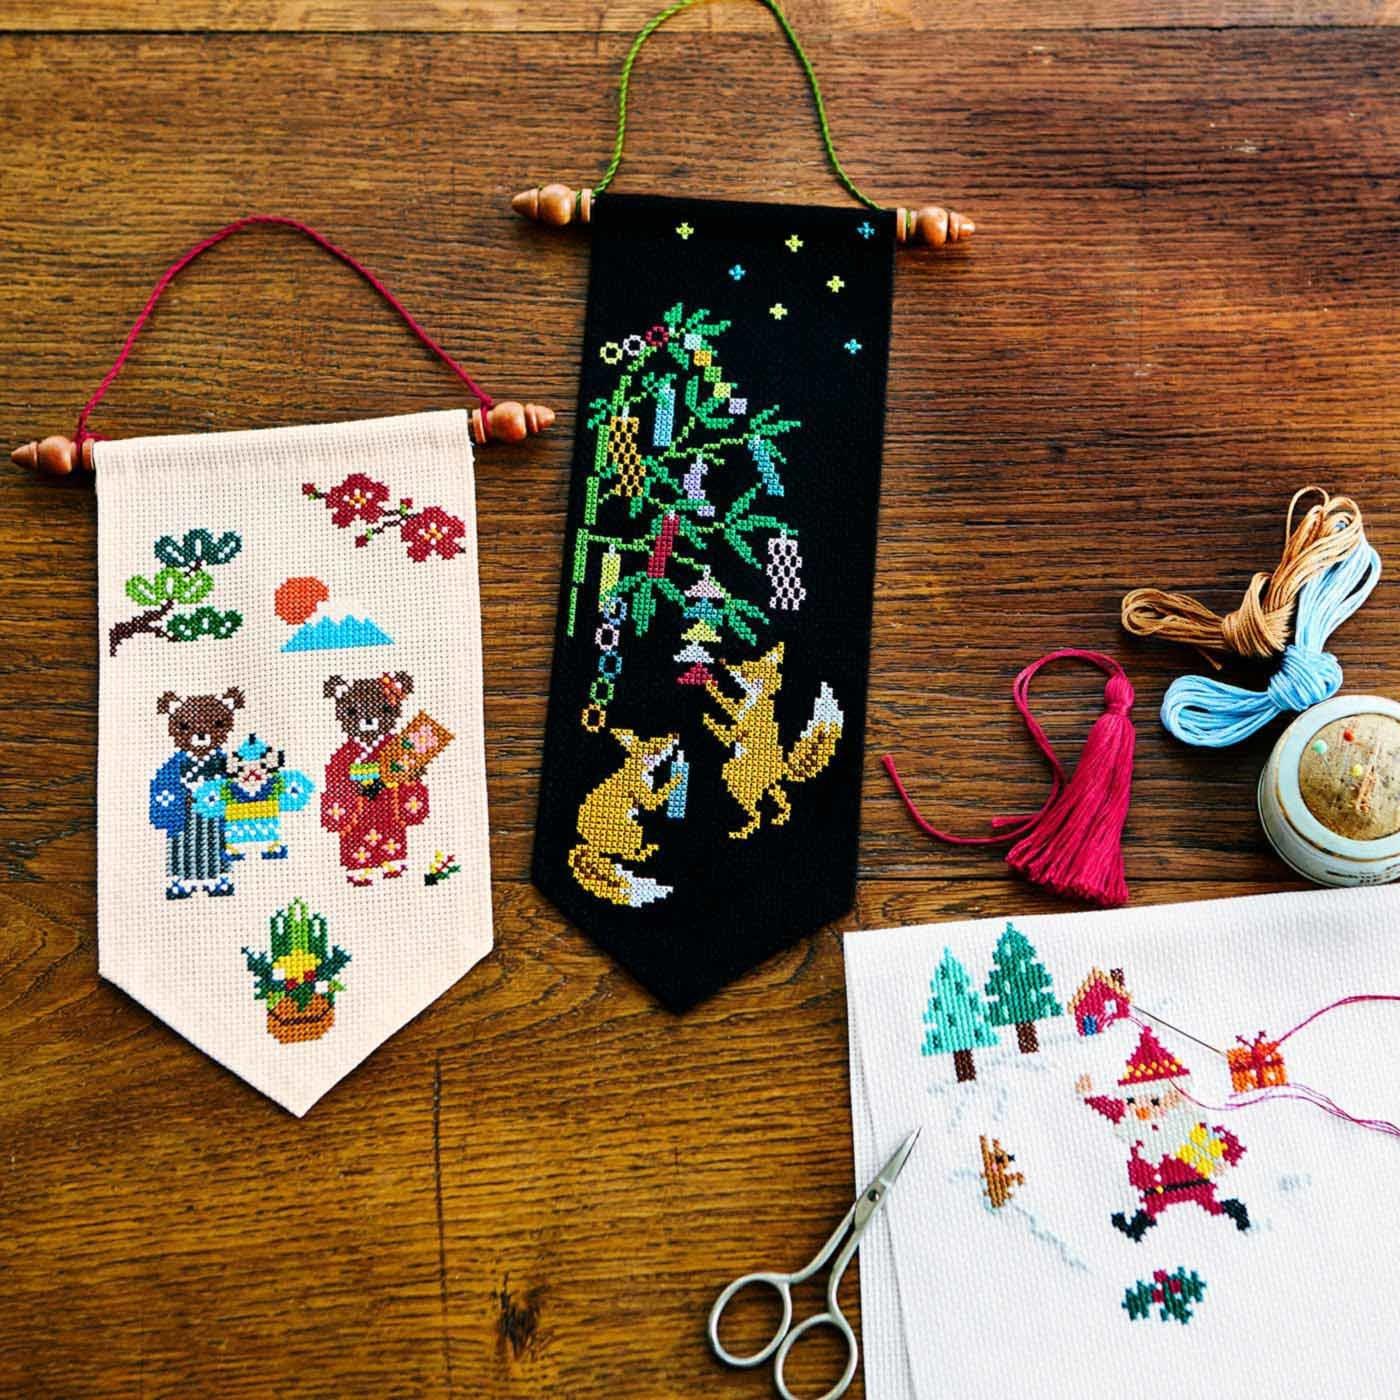 ユーモラスな動物たちにほっこり 季節を描く ちいさなクロスステッチ壁飾りの会(期間予約)